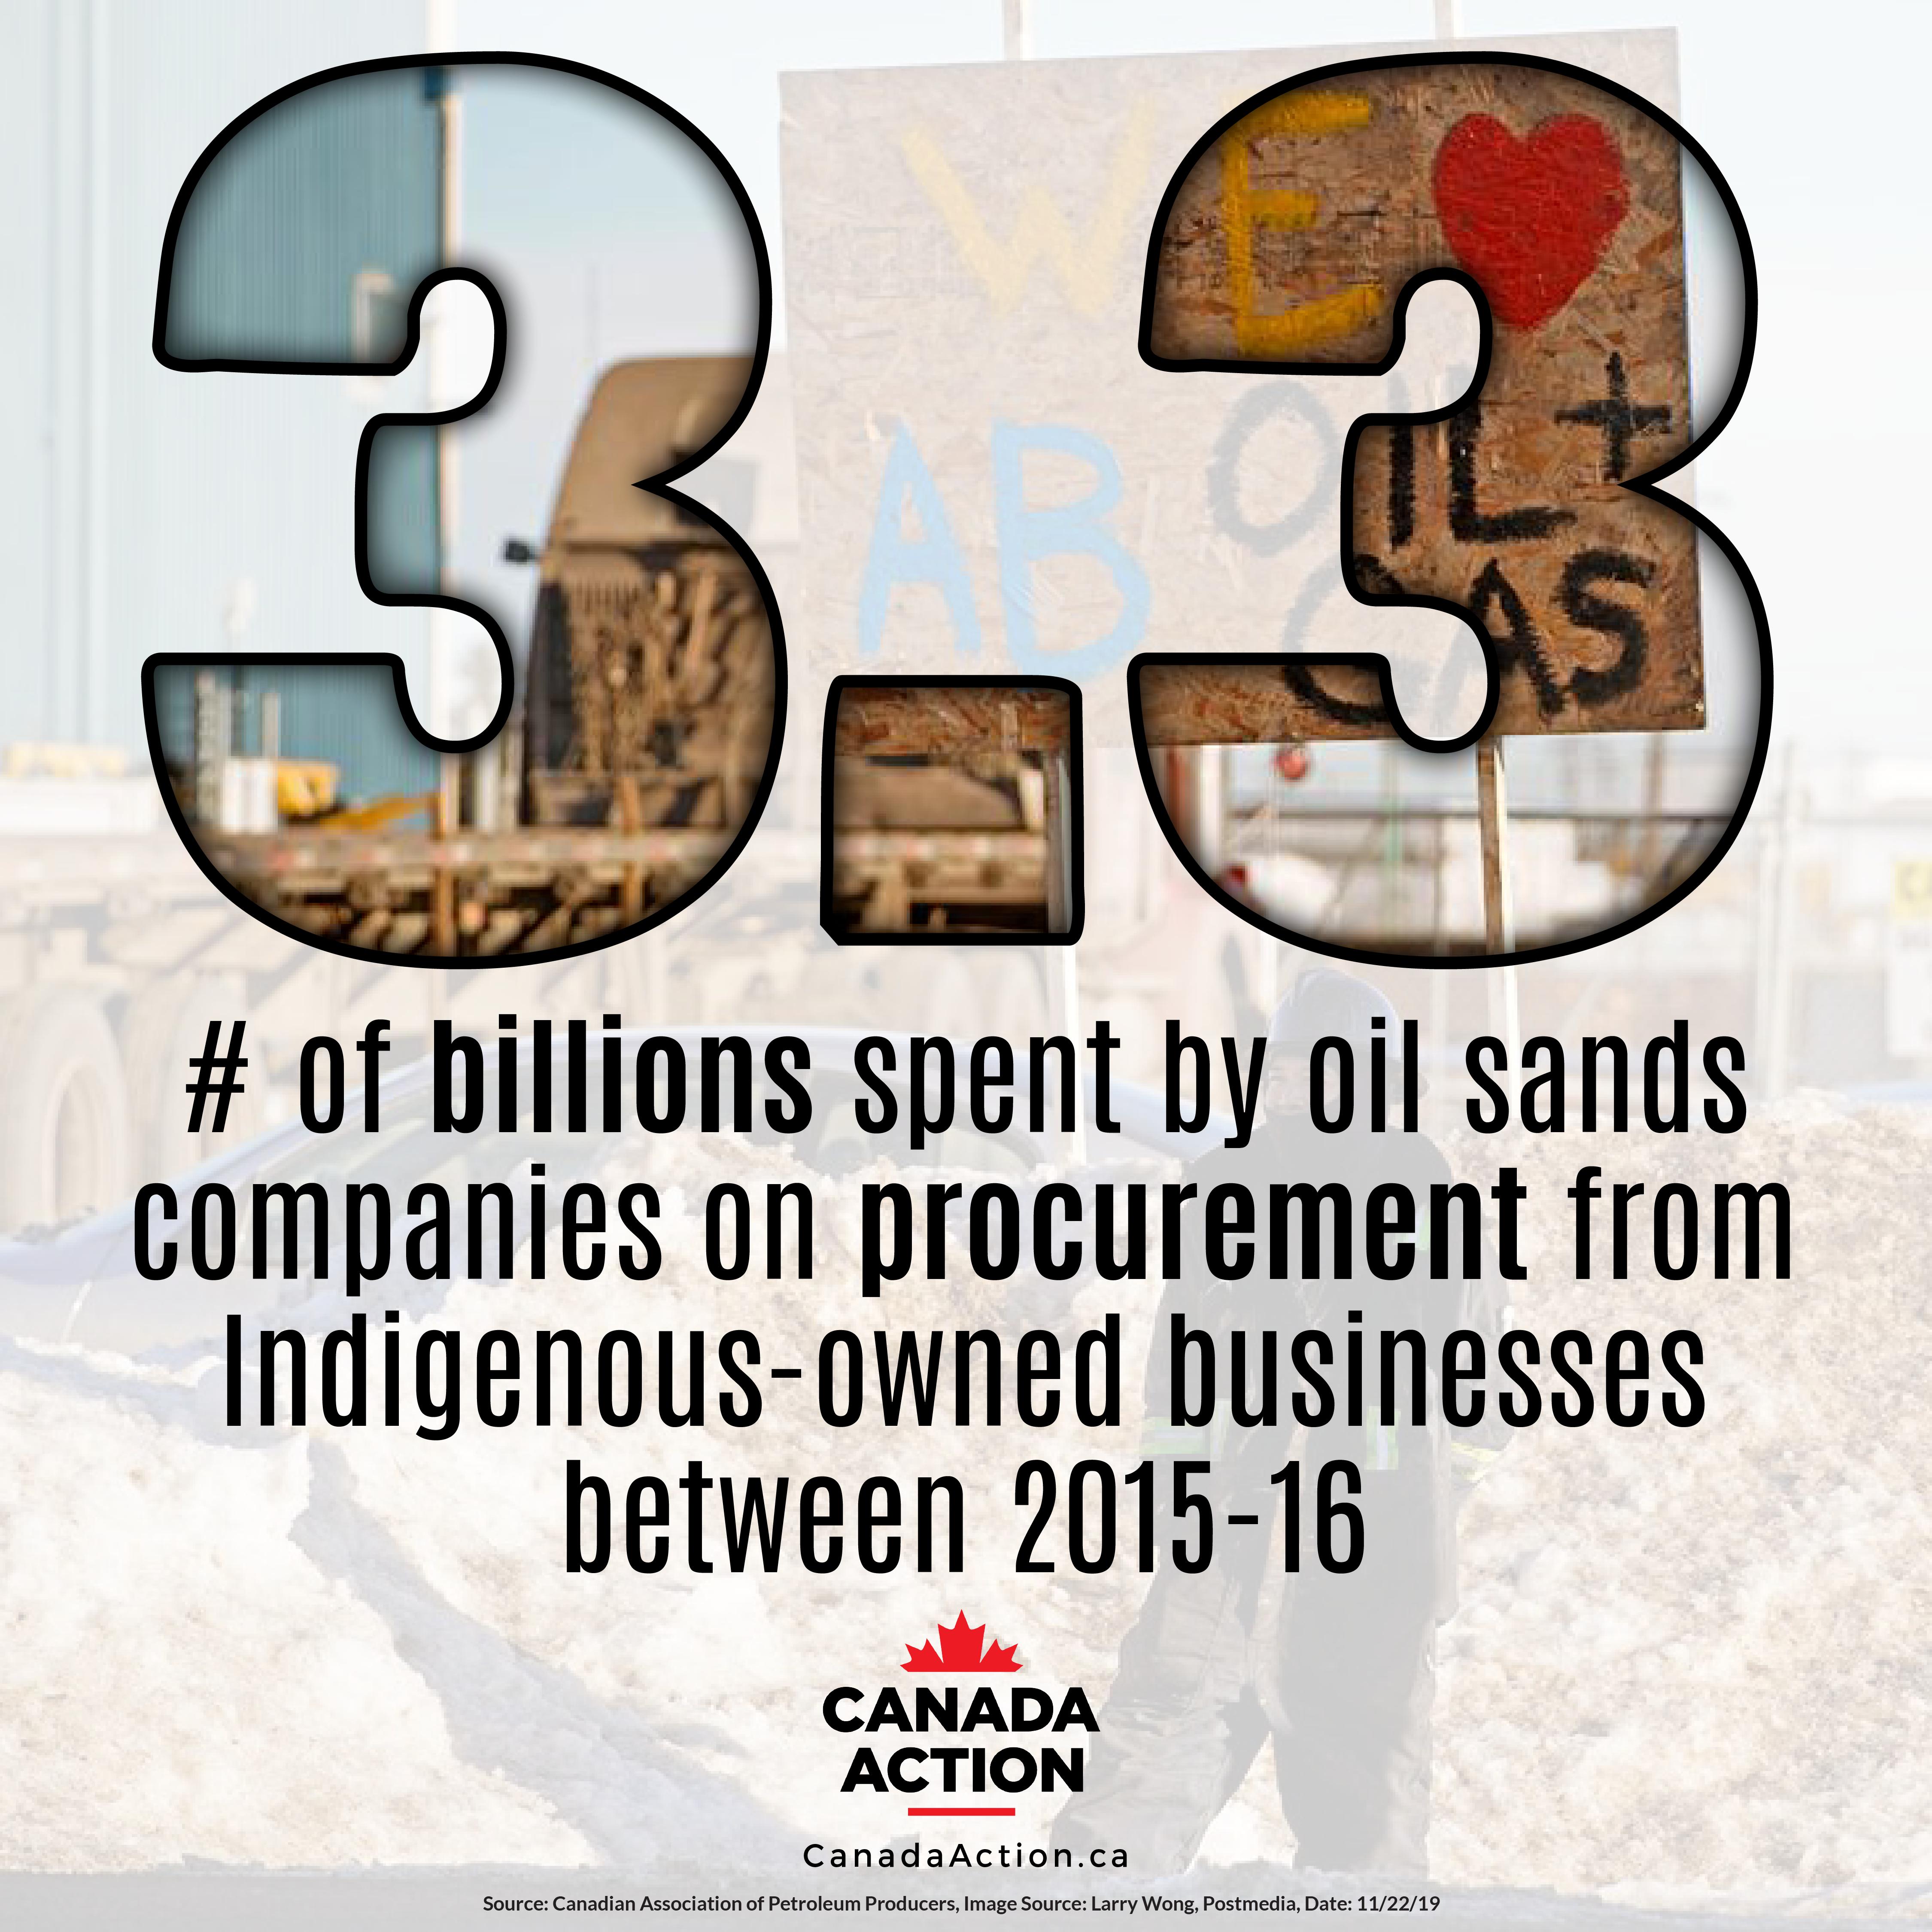 Indigenous Business Procurement Oil Sands 2015-2016